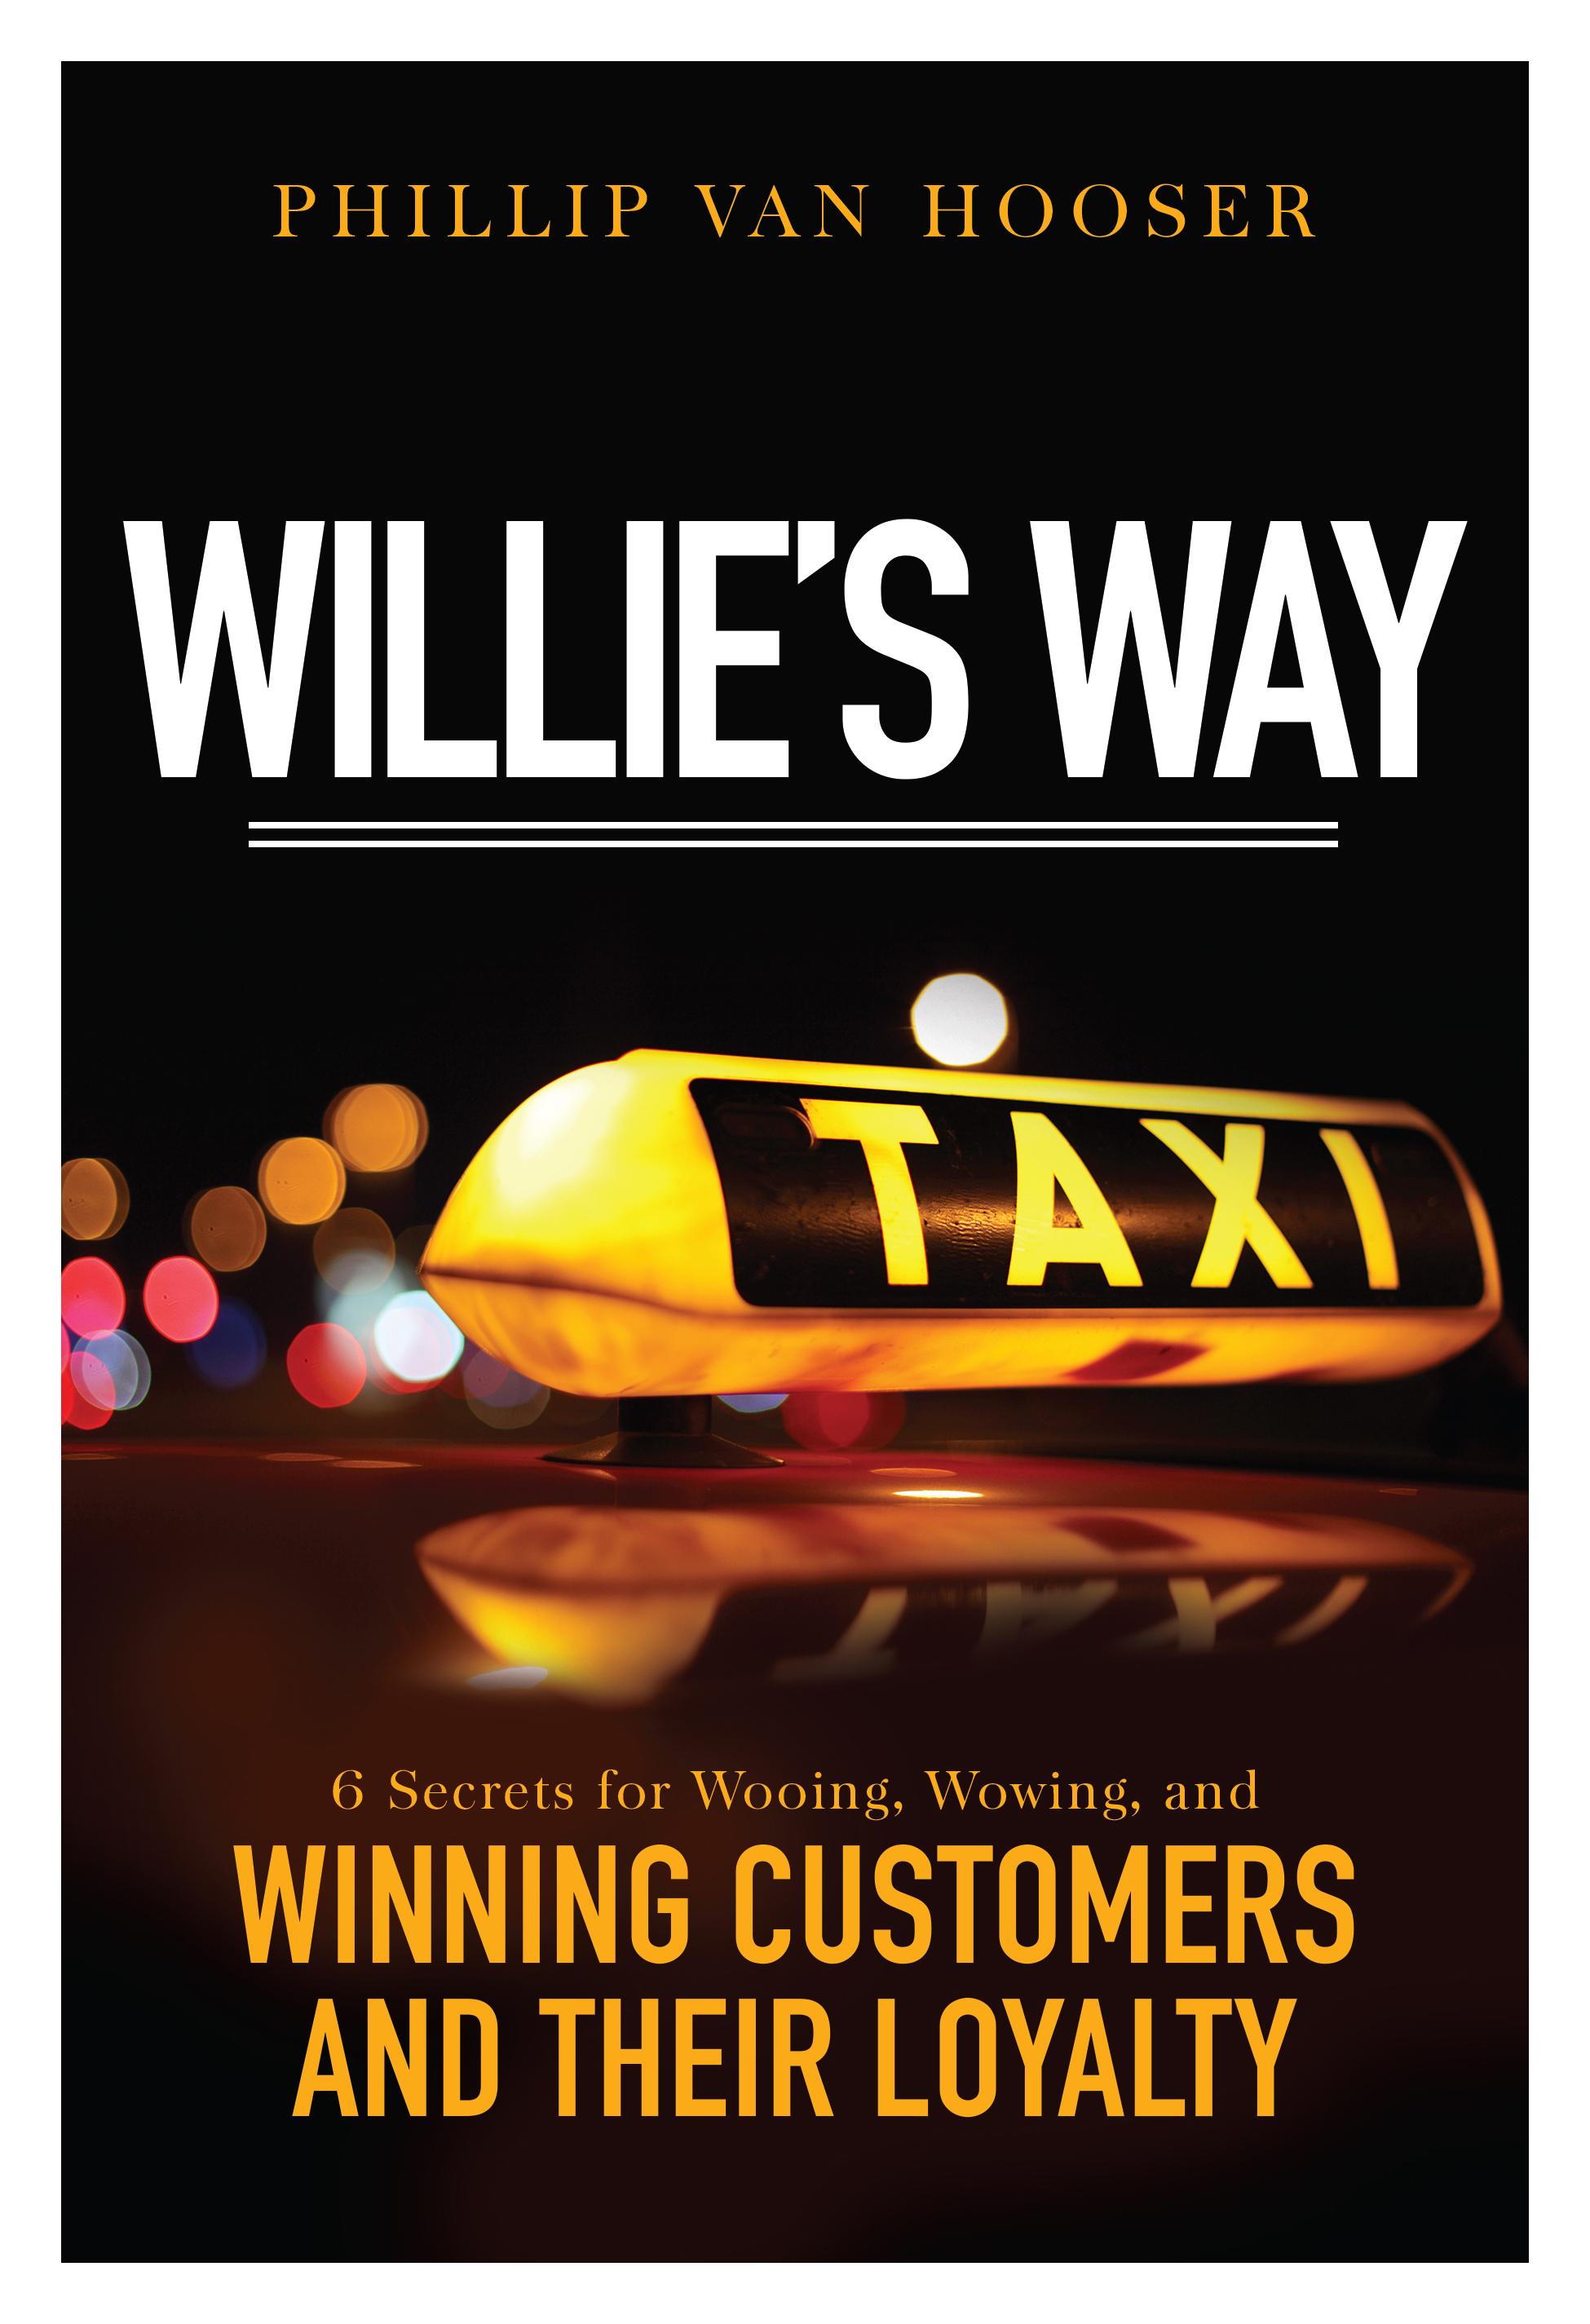 Willie's Way.jpg